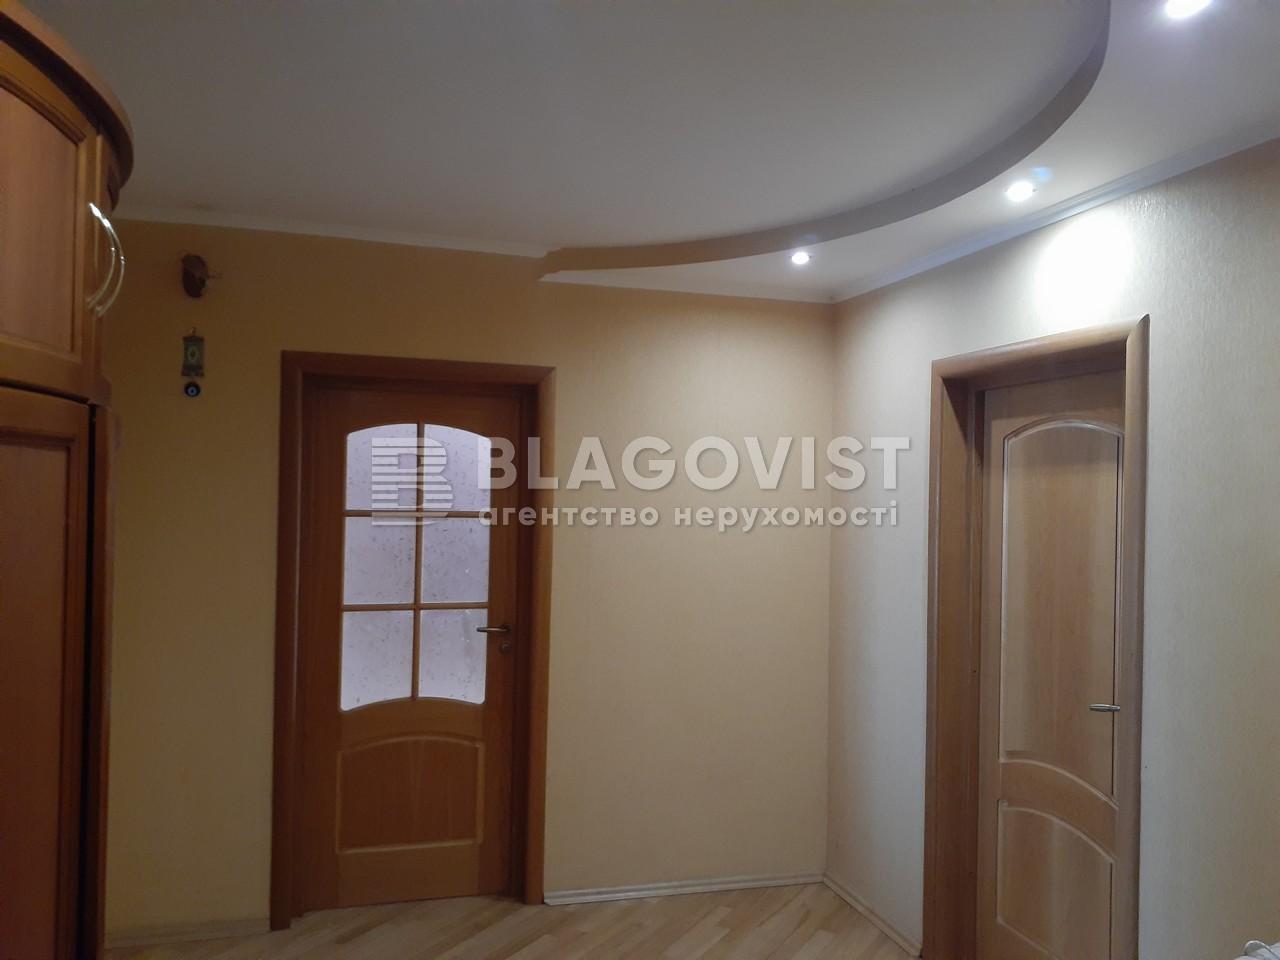 Квартира R-40425, Мостицкая, 10, Киев - Фото 9